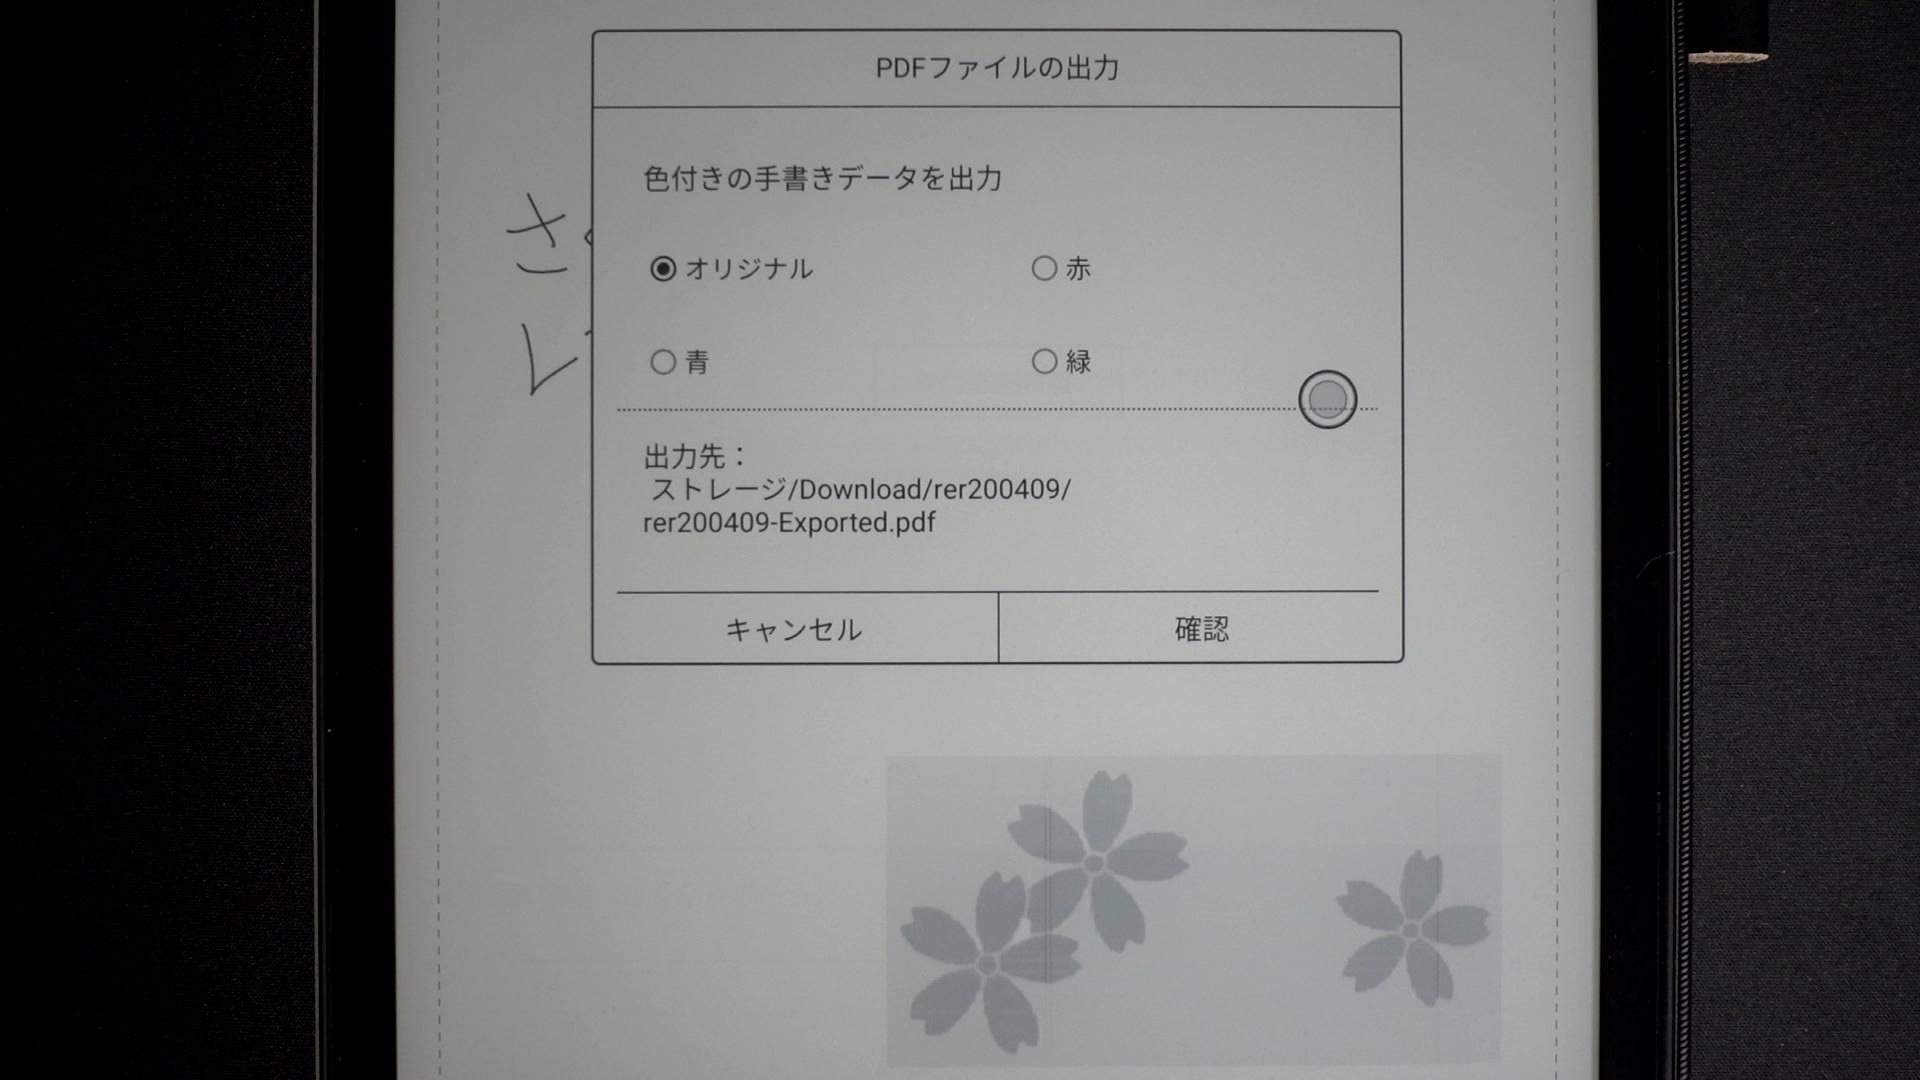 pdf jpeg ペンで書き込み 保存